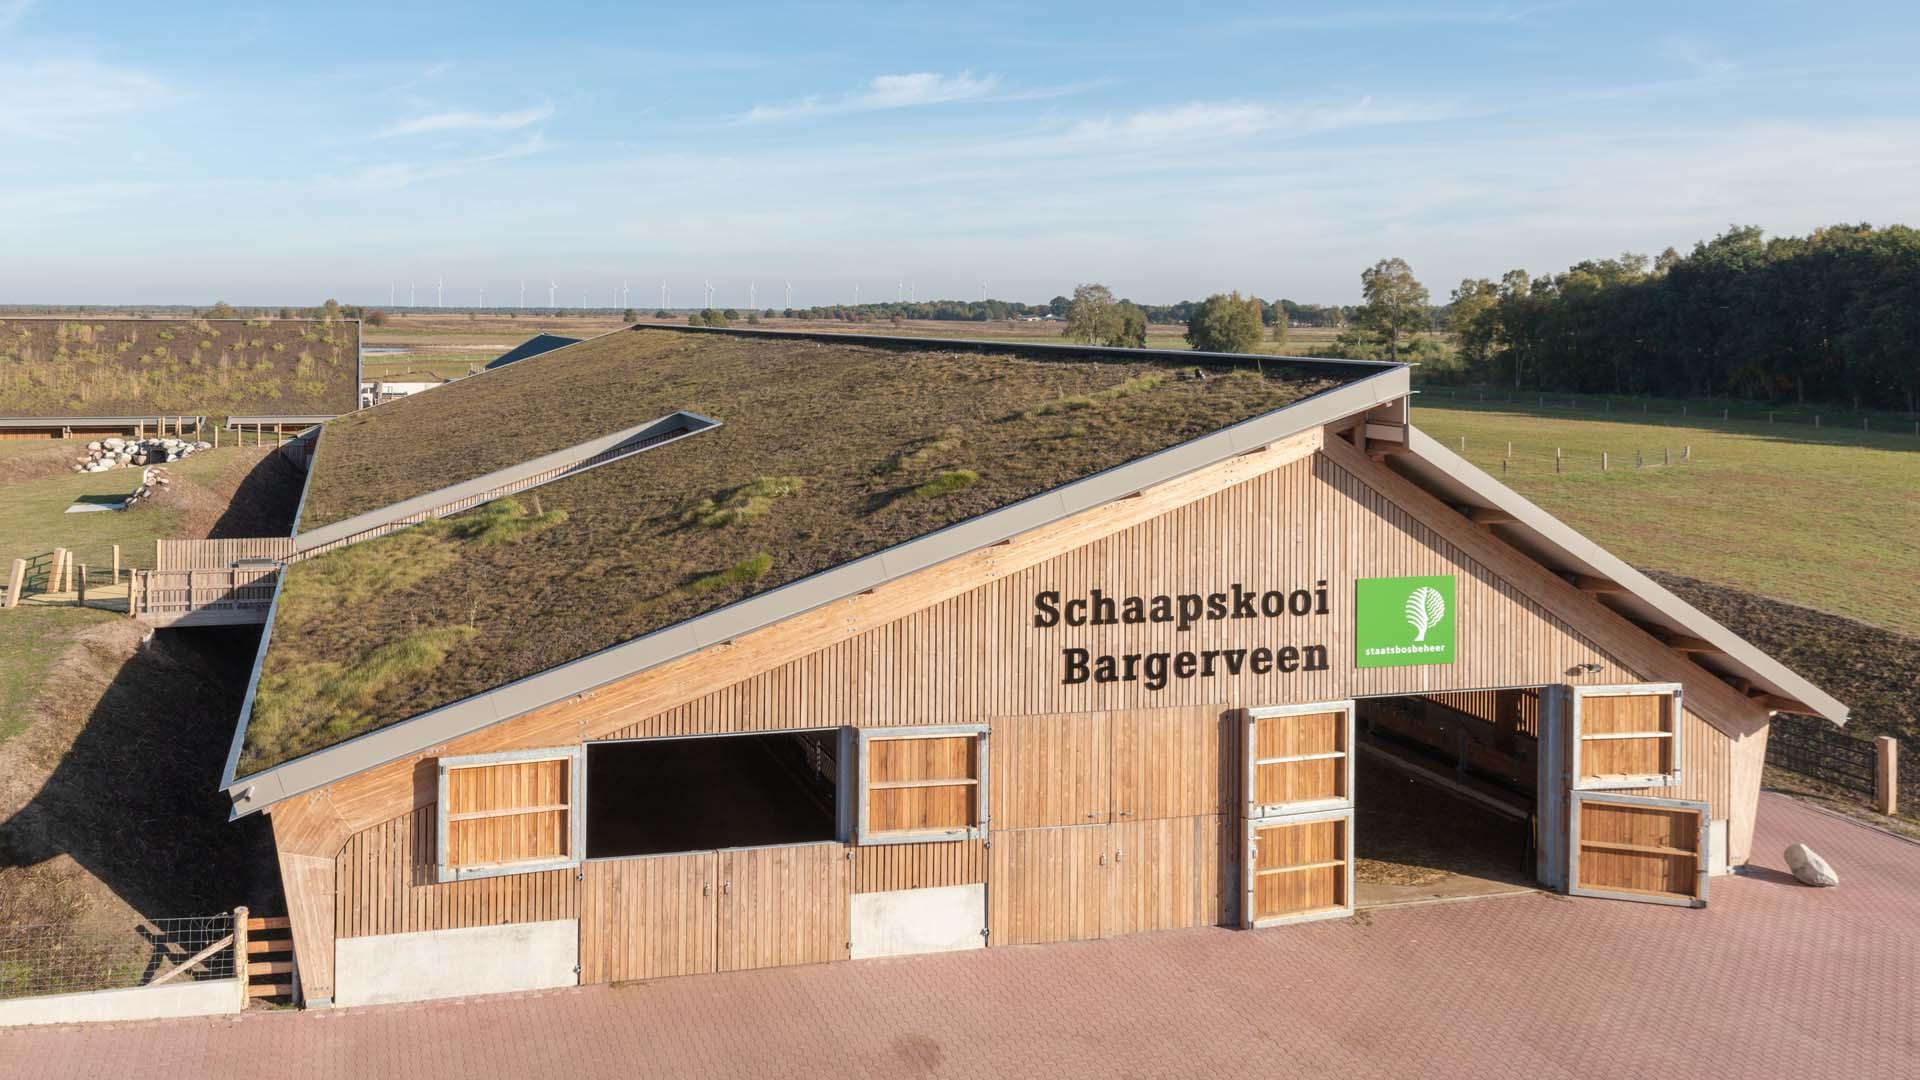 1531_Schaapskooi Bargerveen ECO_02